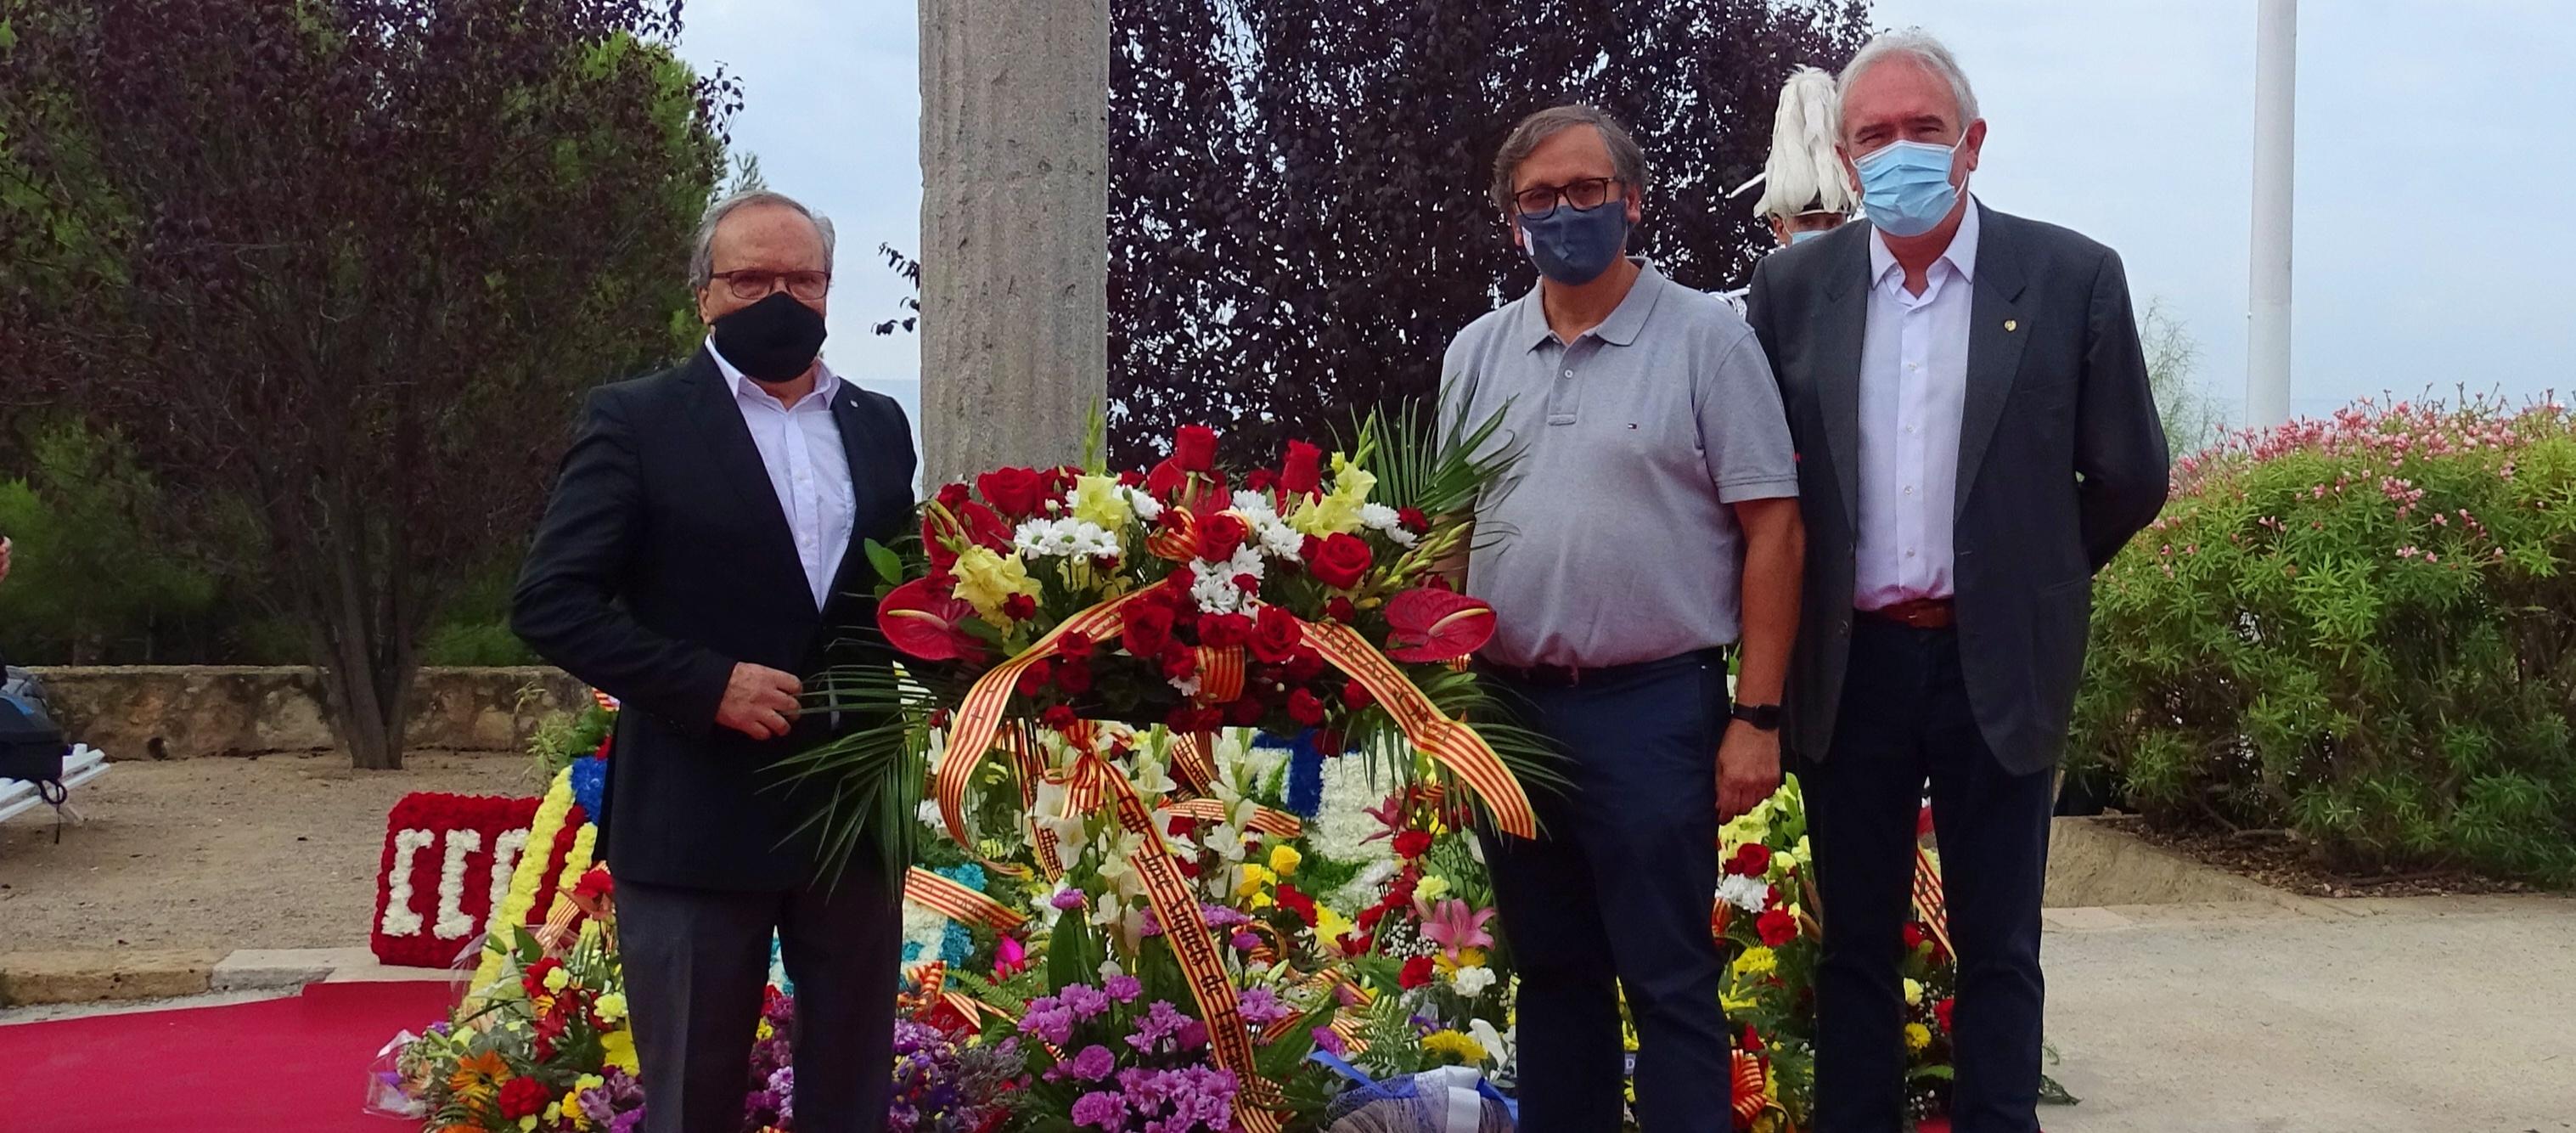 Presència federativa als actes de la Diada a Tarragona